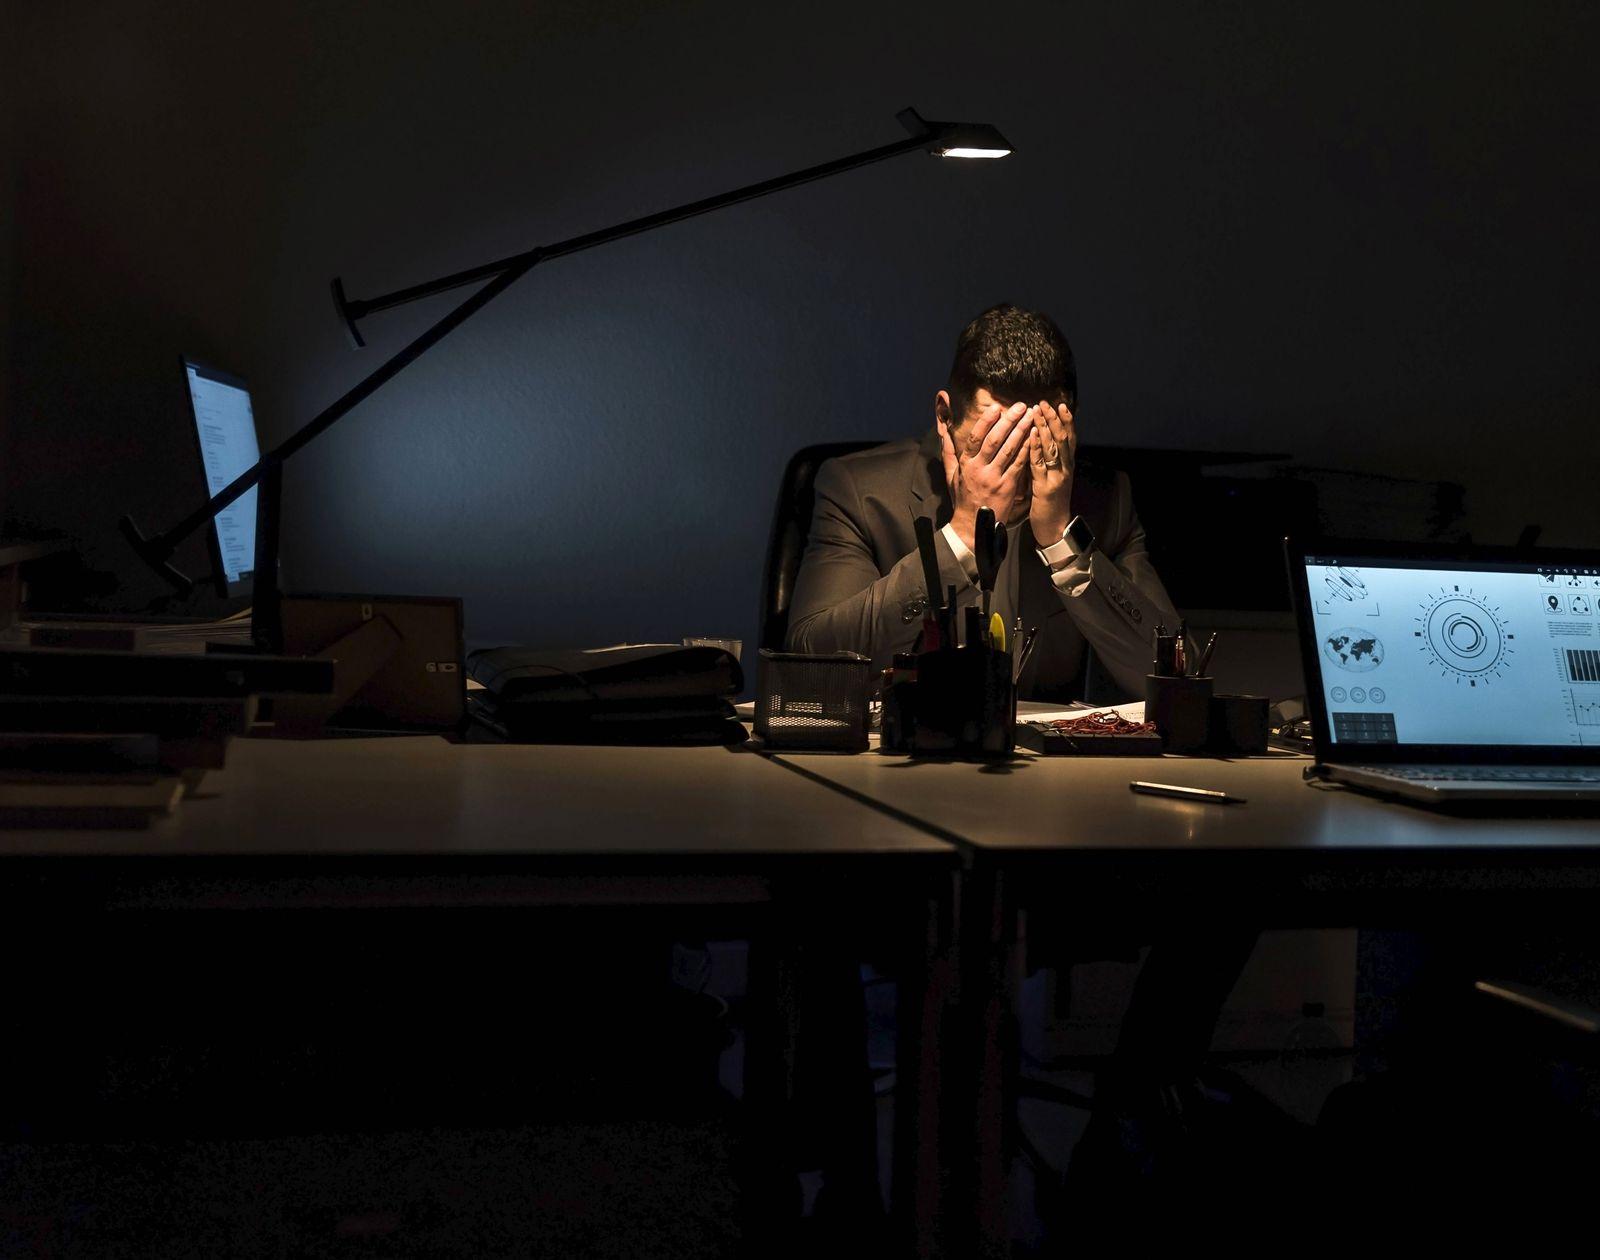 EINMALIGE VERWENDUNG psychische Erkrankung im Job